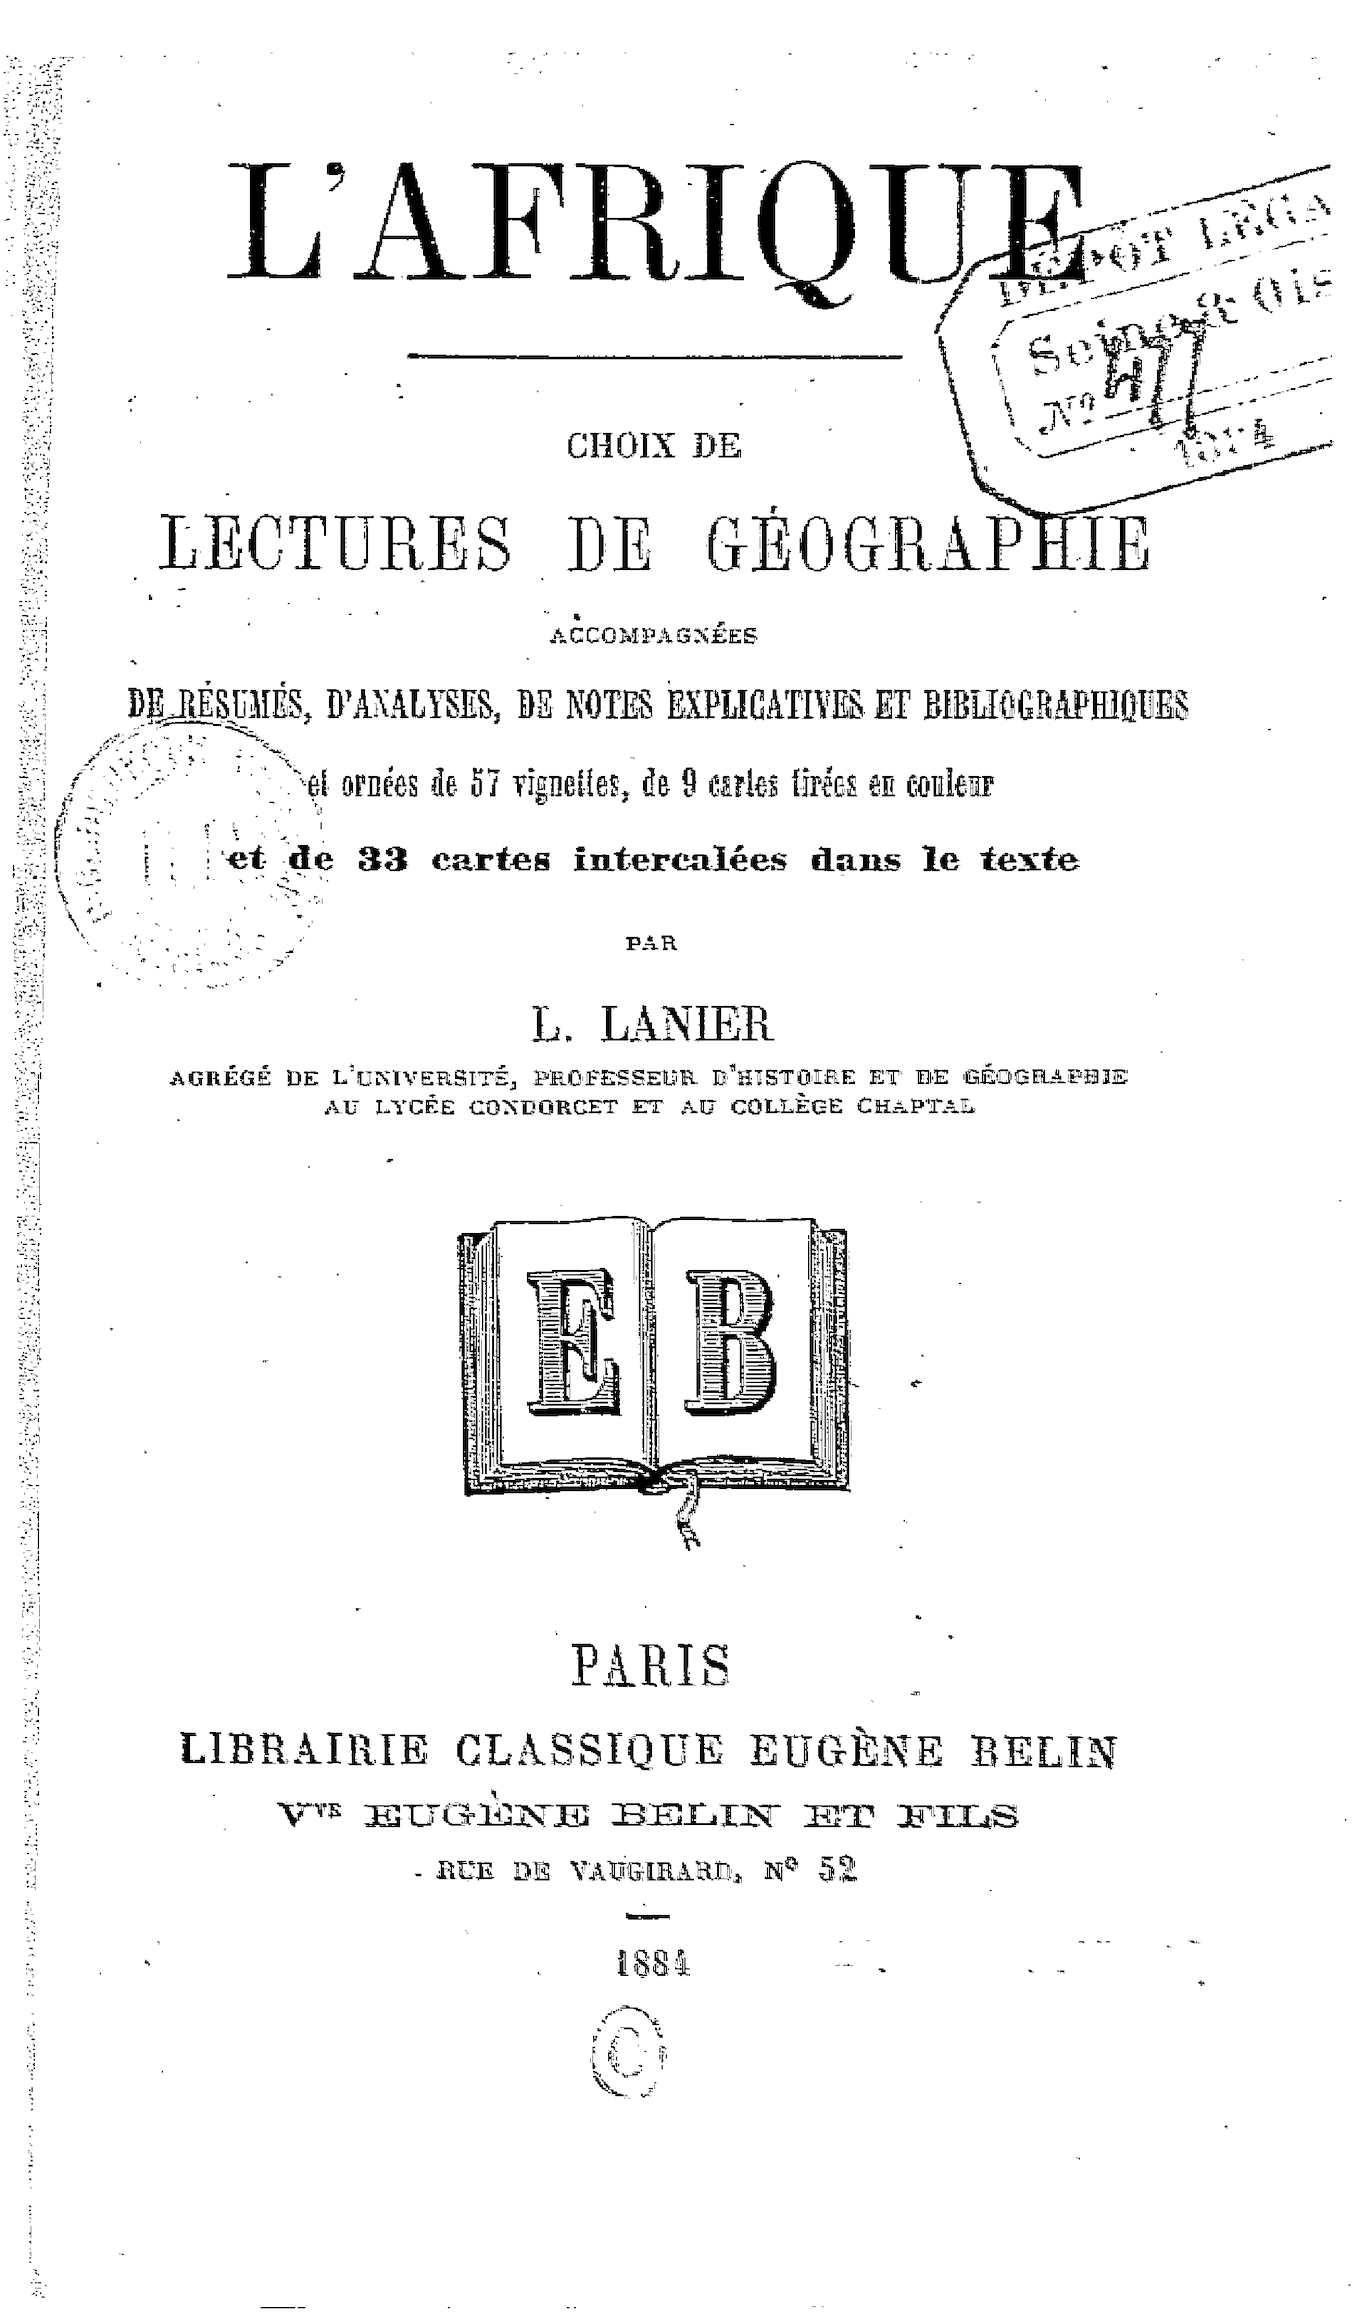 c7146082f55e Calaméo - L Afrique Choix De Lectures De Geographie Par L Lanier 1884